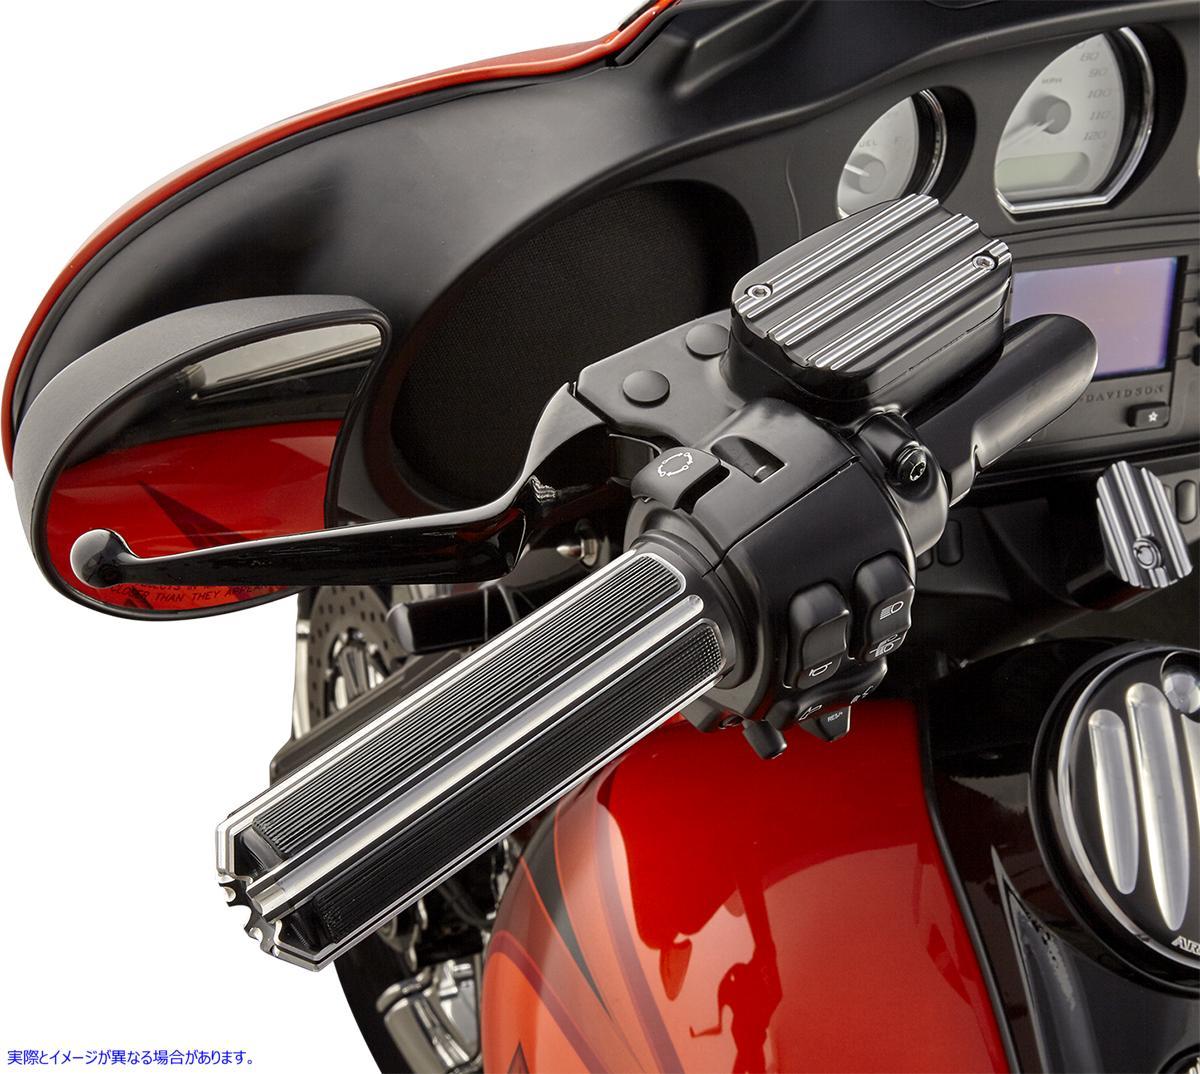 【取寄せ】 アレンネス 07-129 ARLEN NESS Black 10-Gauge Grips for TBW グリップ 10 GAUGE TBW BLK 06301694 ( 0630-1694 ドラッグスペ